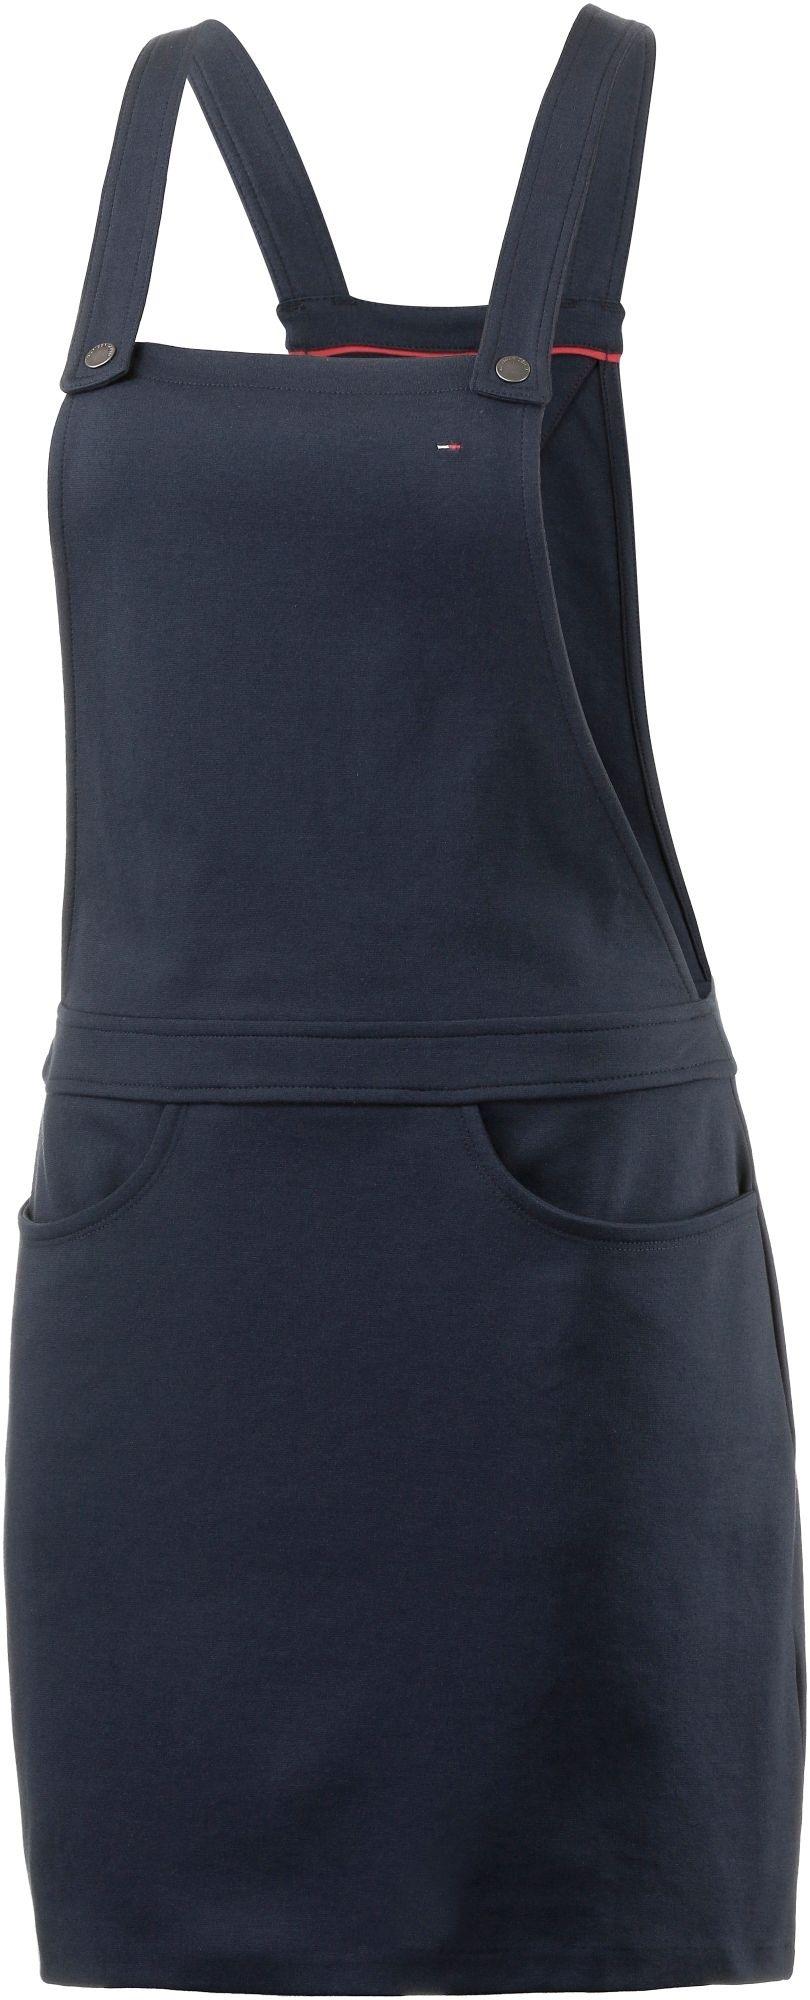 20 Spektakulär Trägerkleid Damen Bester Preis15 Elegant Trägerkleid Damen Vertrieb